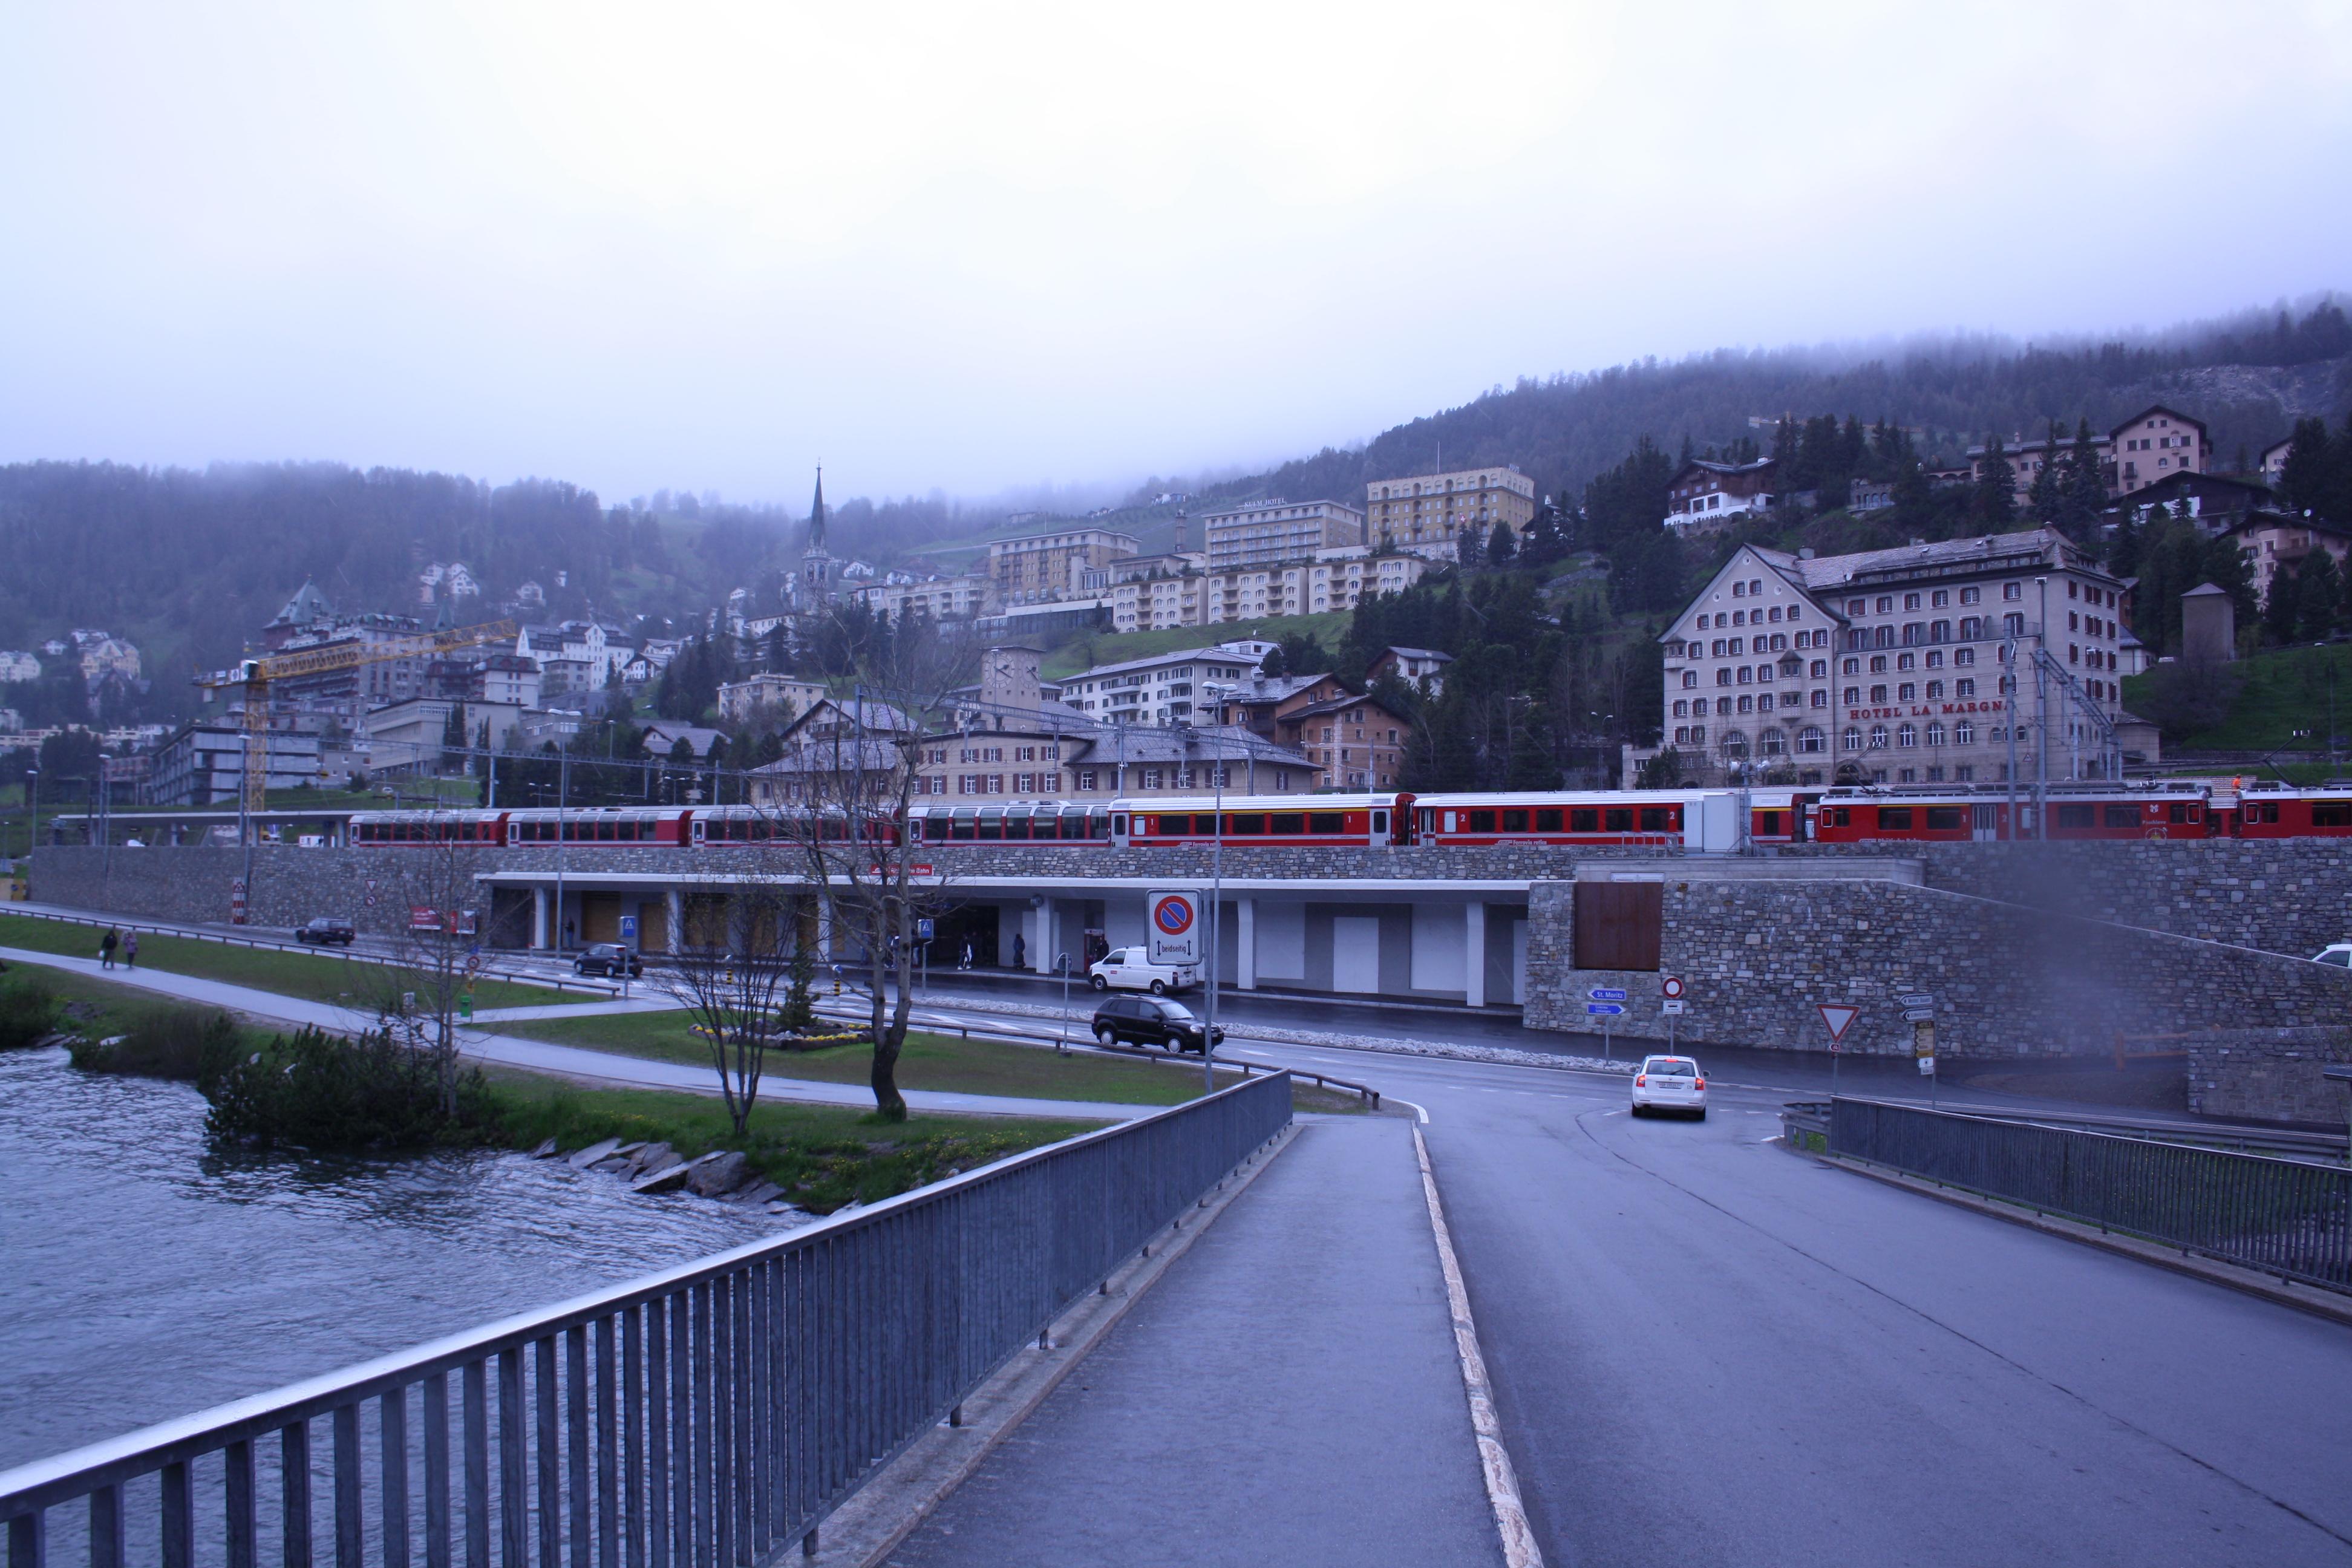 Bahnhof von St. Moritz